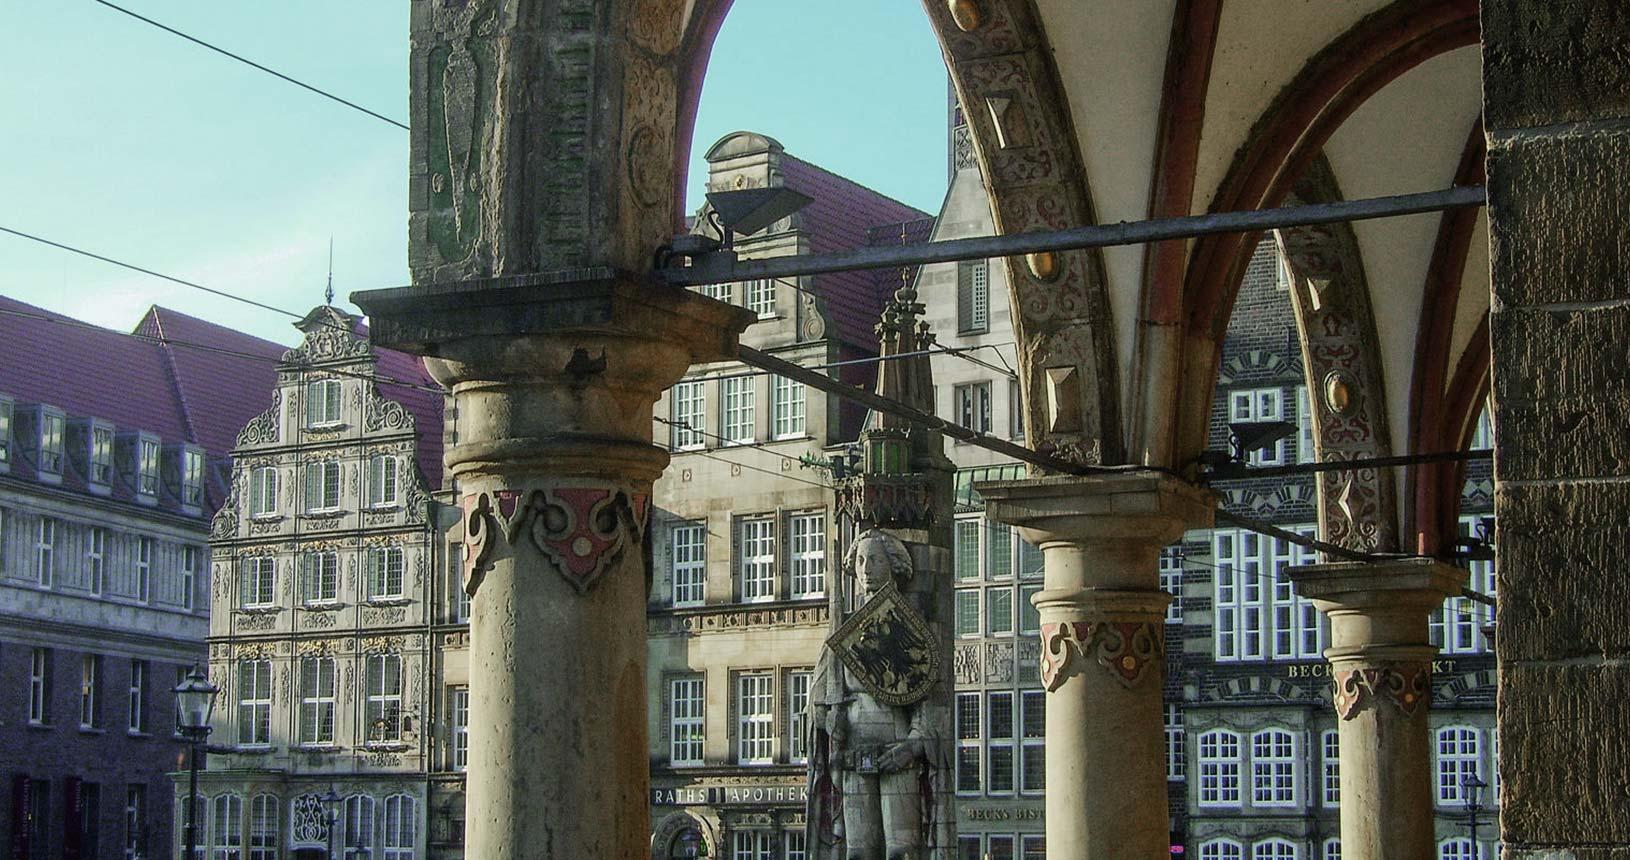 Blick aus den Rathausarkaden auf die Roland-Statue und die Häuserzeile im Hintergrund